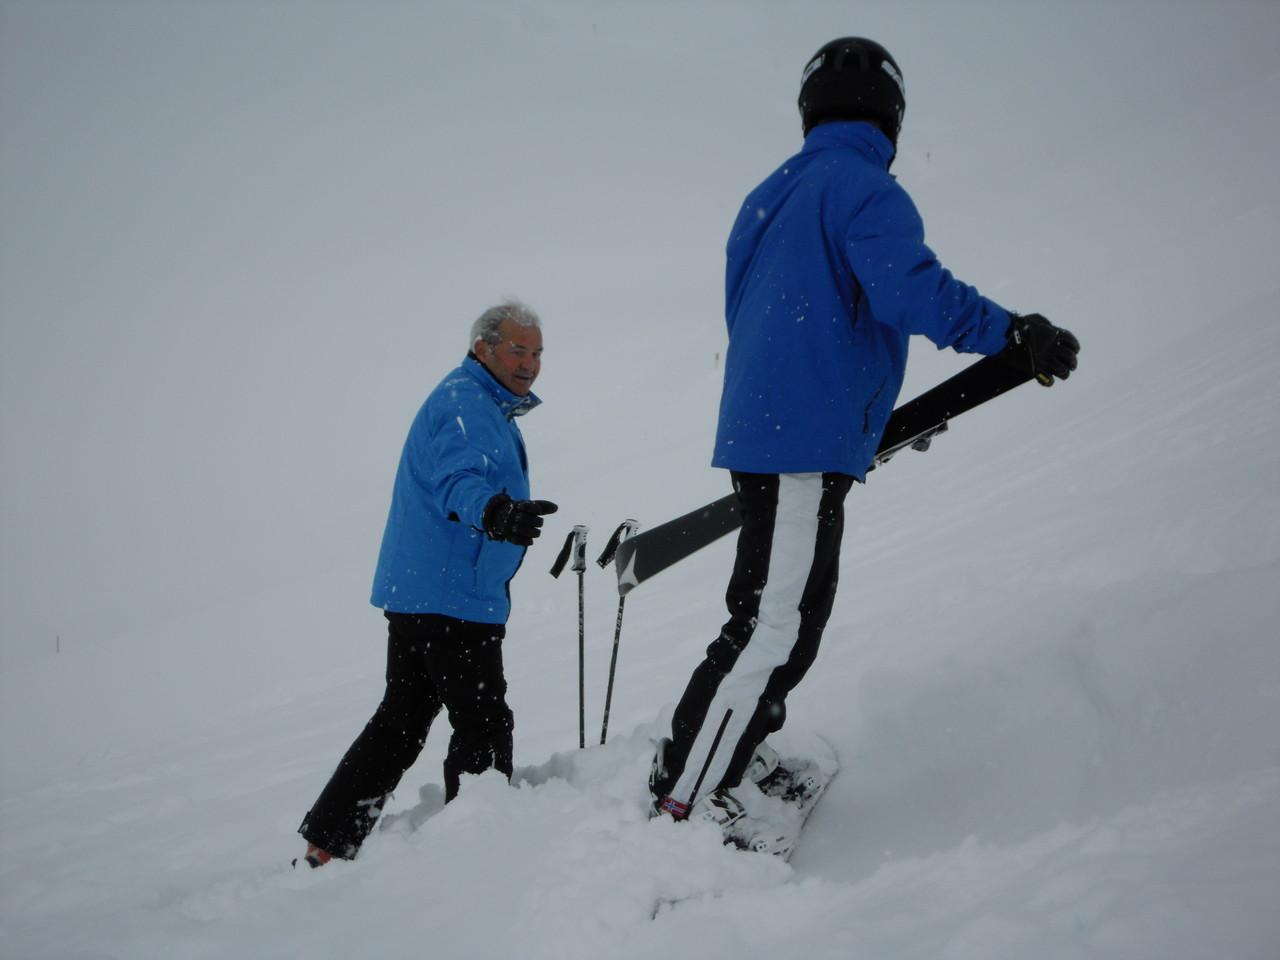 Auch noch ein Snowboarder !!!